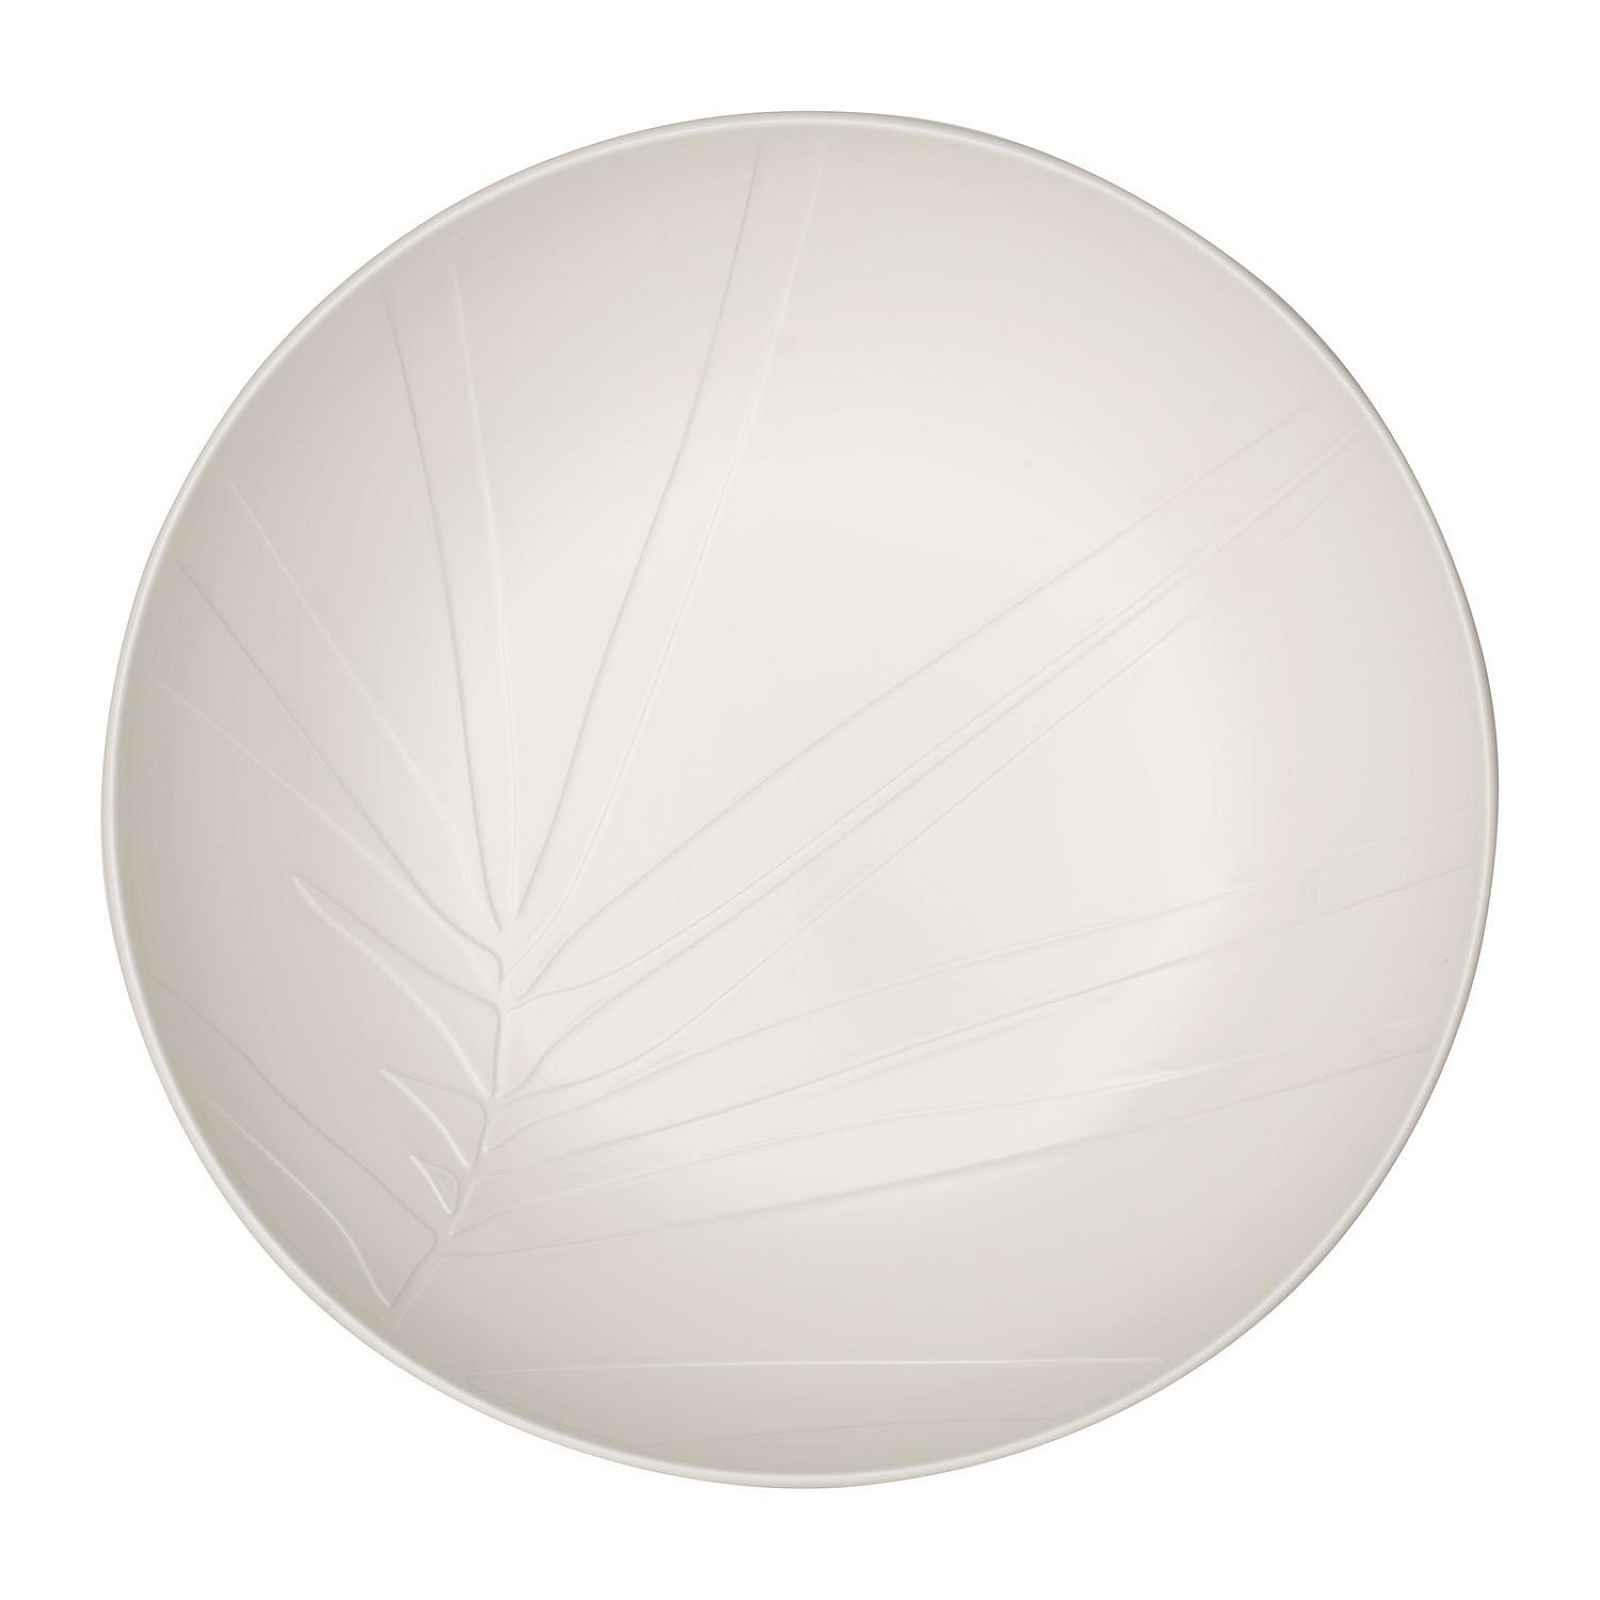 Servírovací bílá porcelánová miska Villeroy & Boch Leaf, ⌀ 26 cm